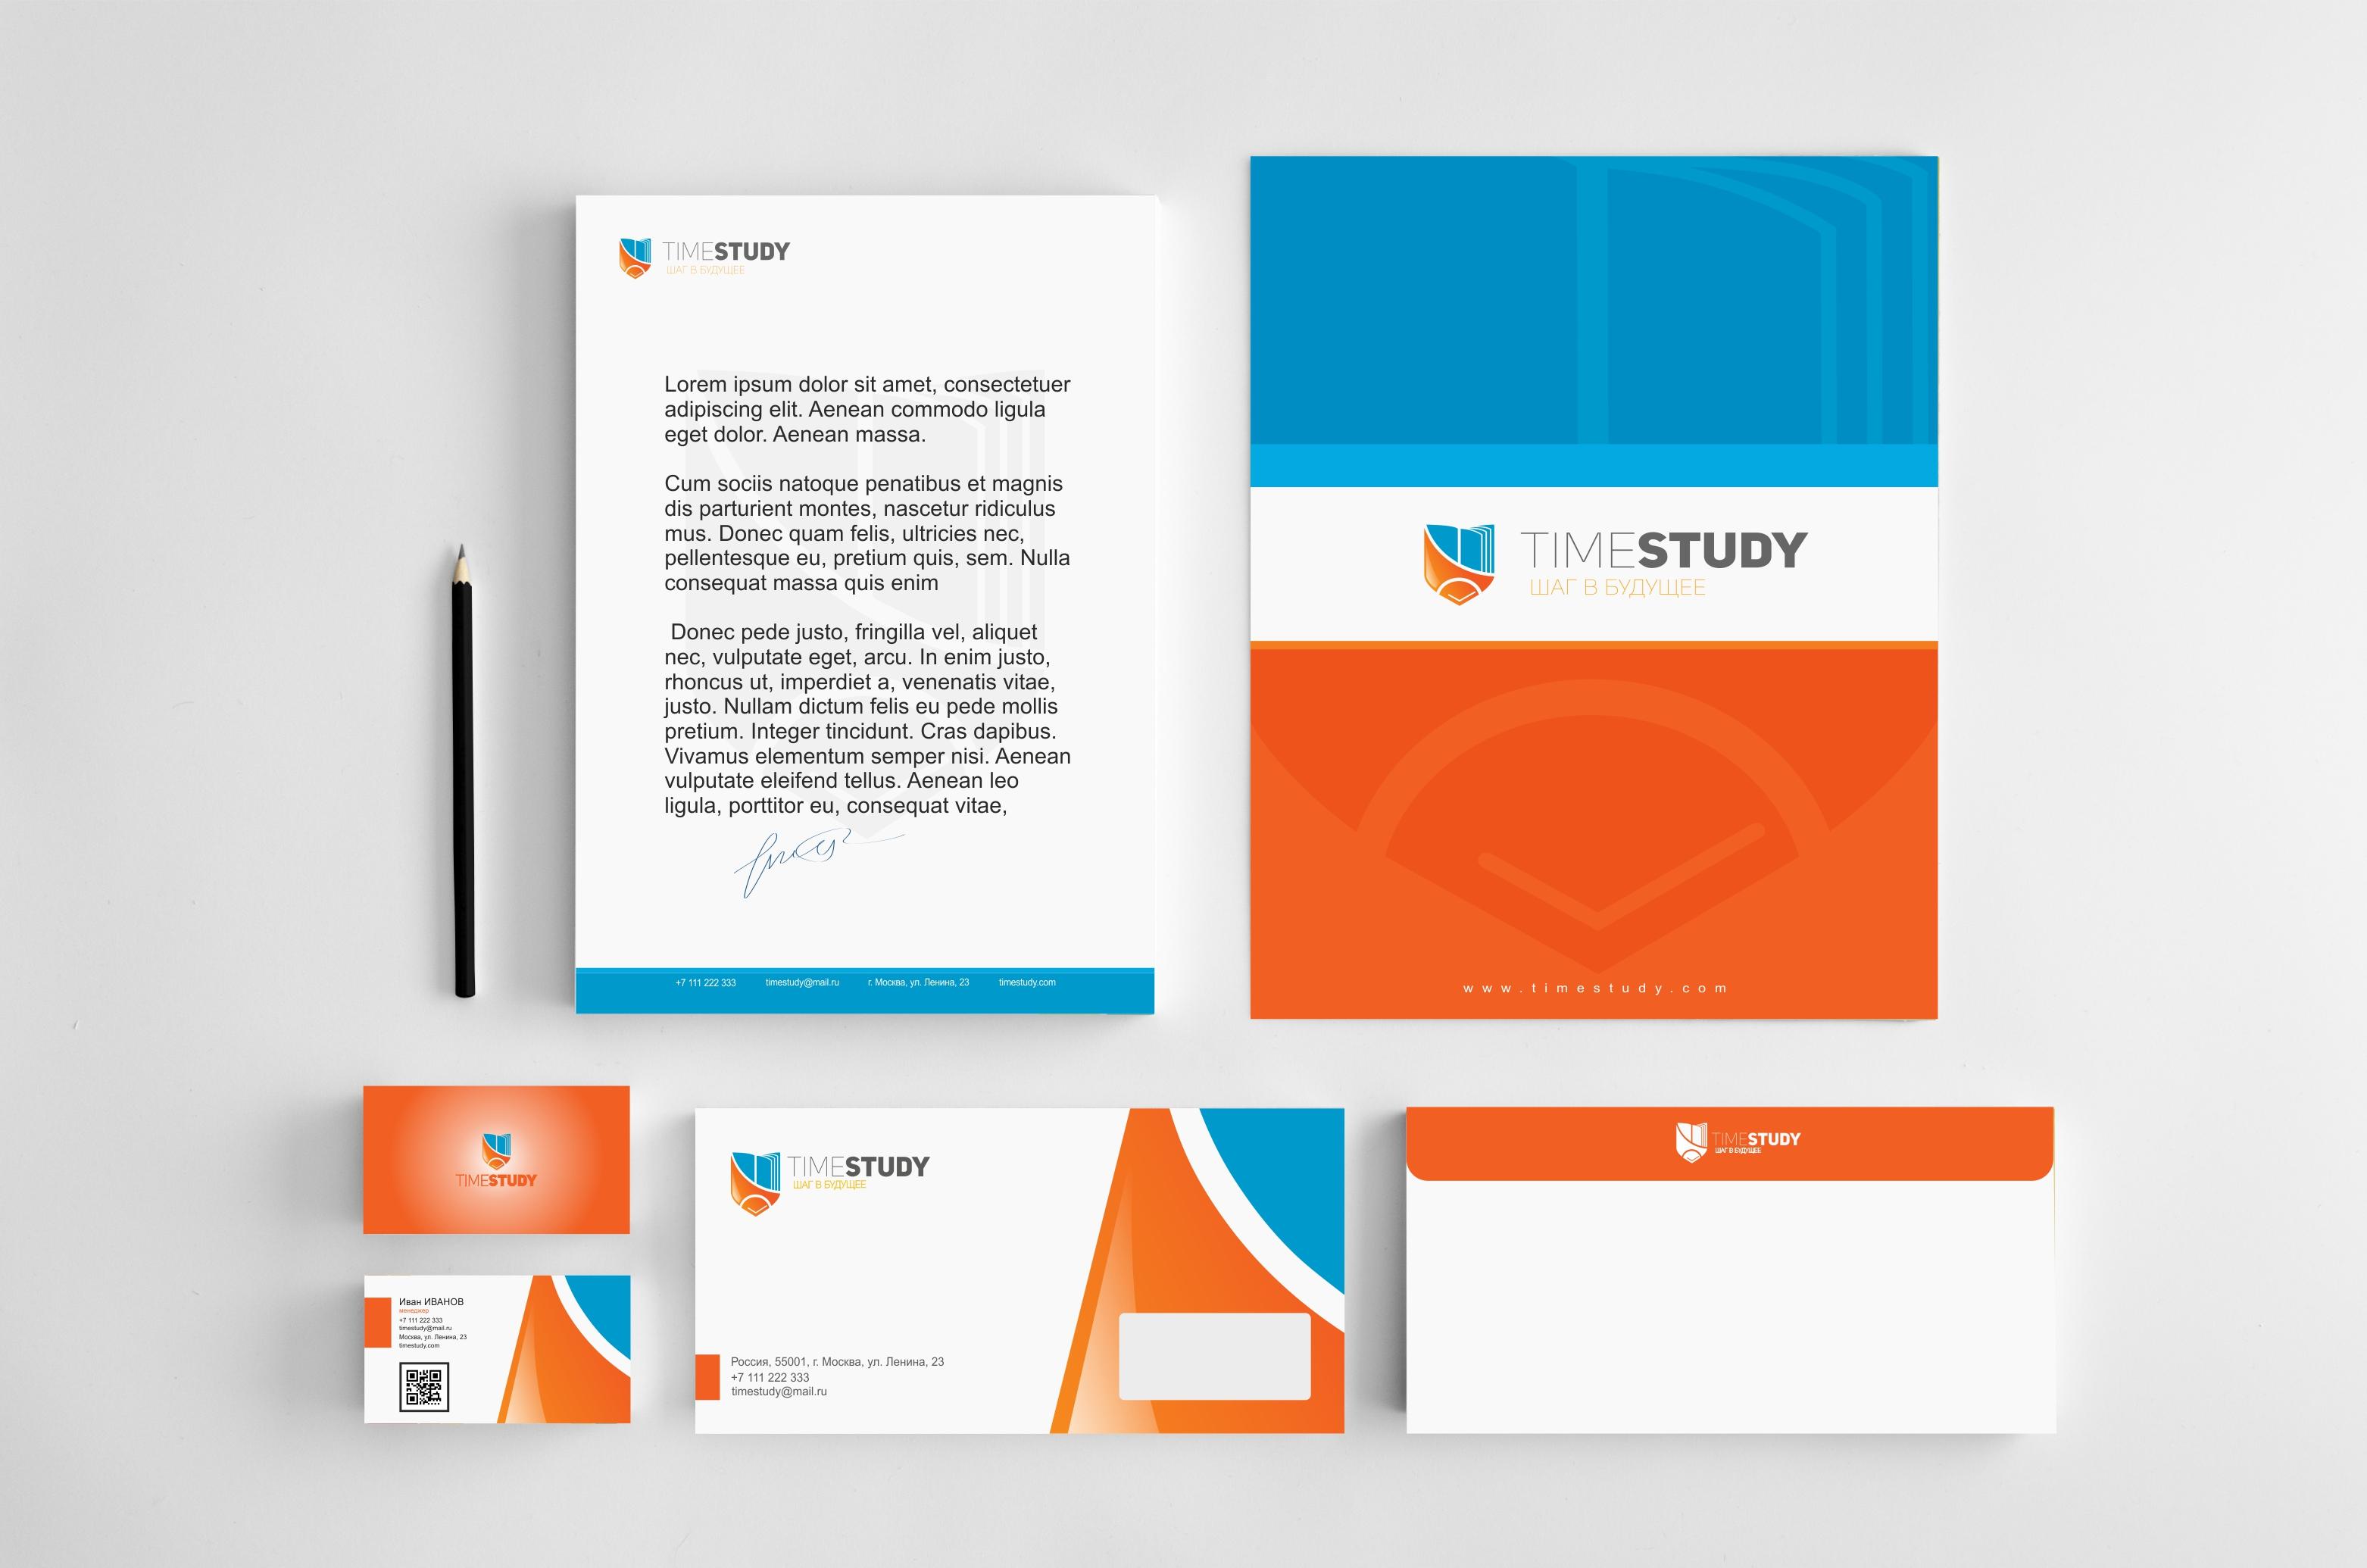 Фирменный стиль – обучение за рубежом TimeStudy (1 место)